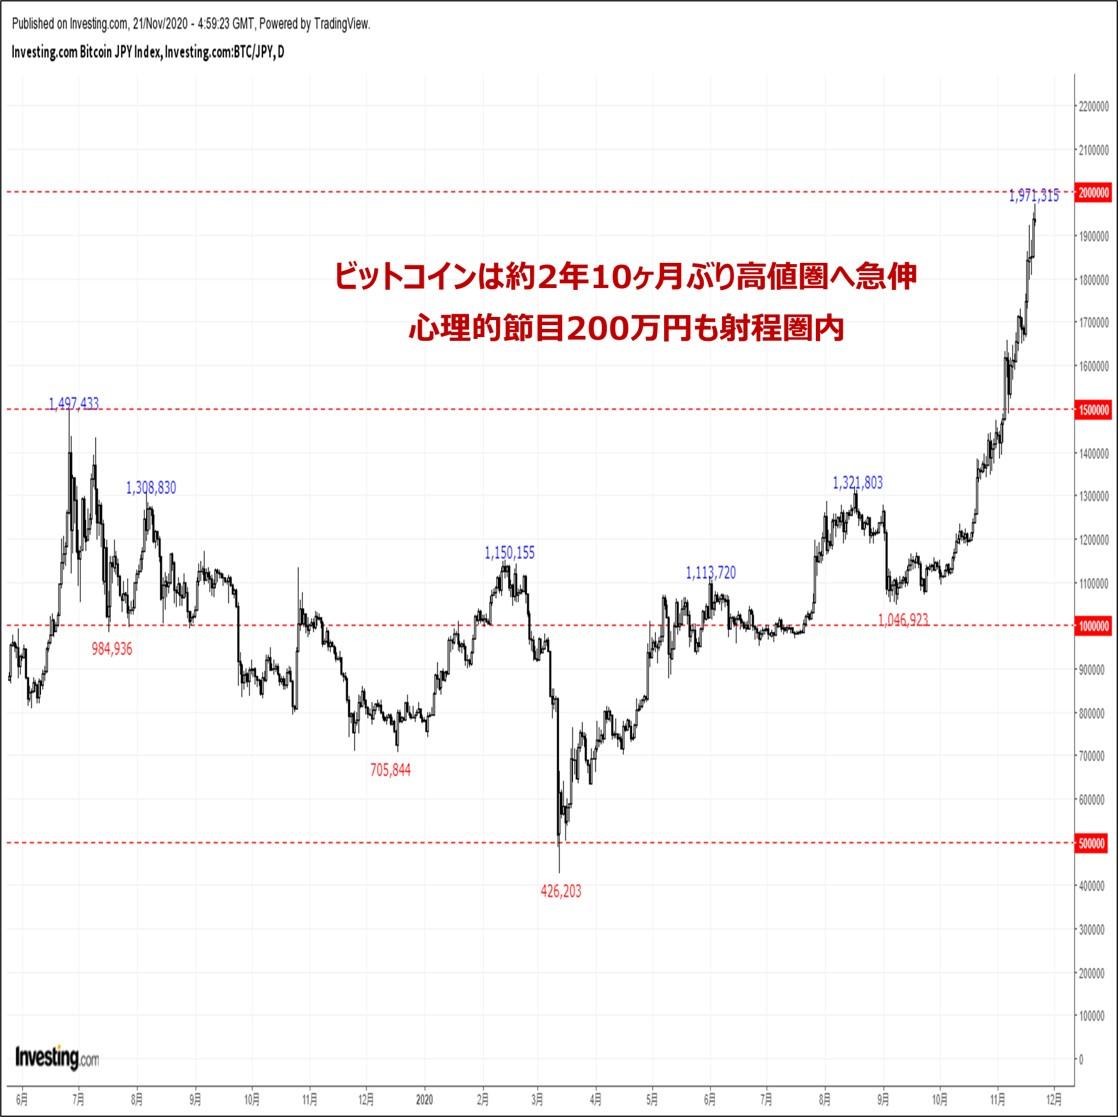 『ビットコイン円時価総額がヒストリカルハイを更新。心理的節目200万円越えも射程圏内』(11/21)